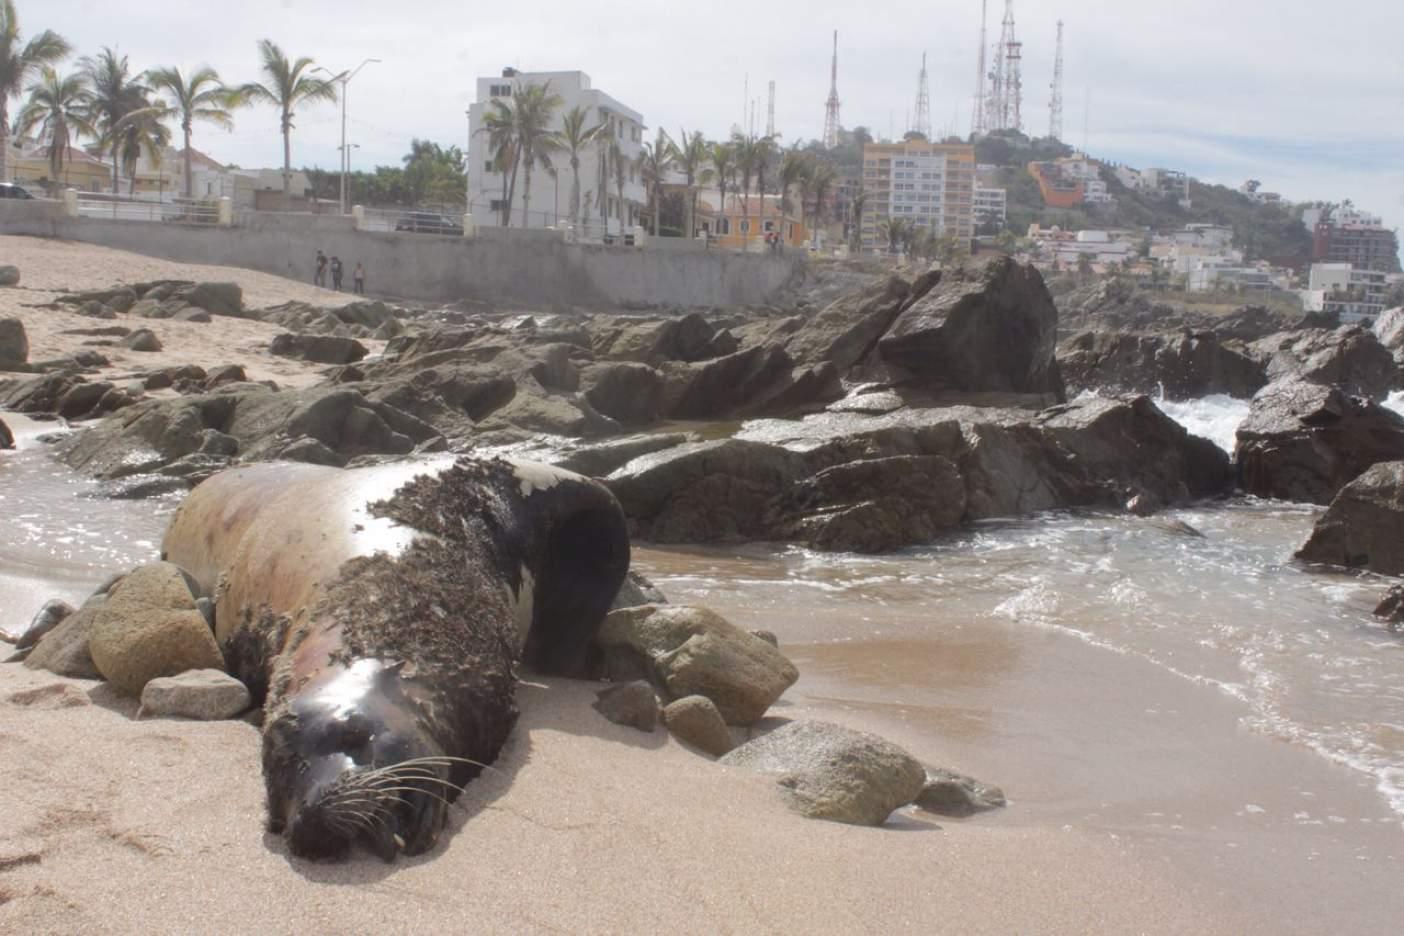 Siguen apareciendo lobos marinos muertos en Mazatlán